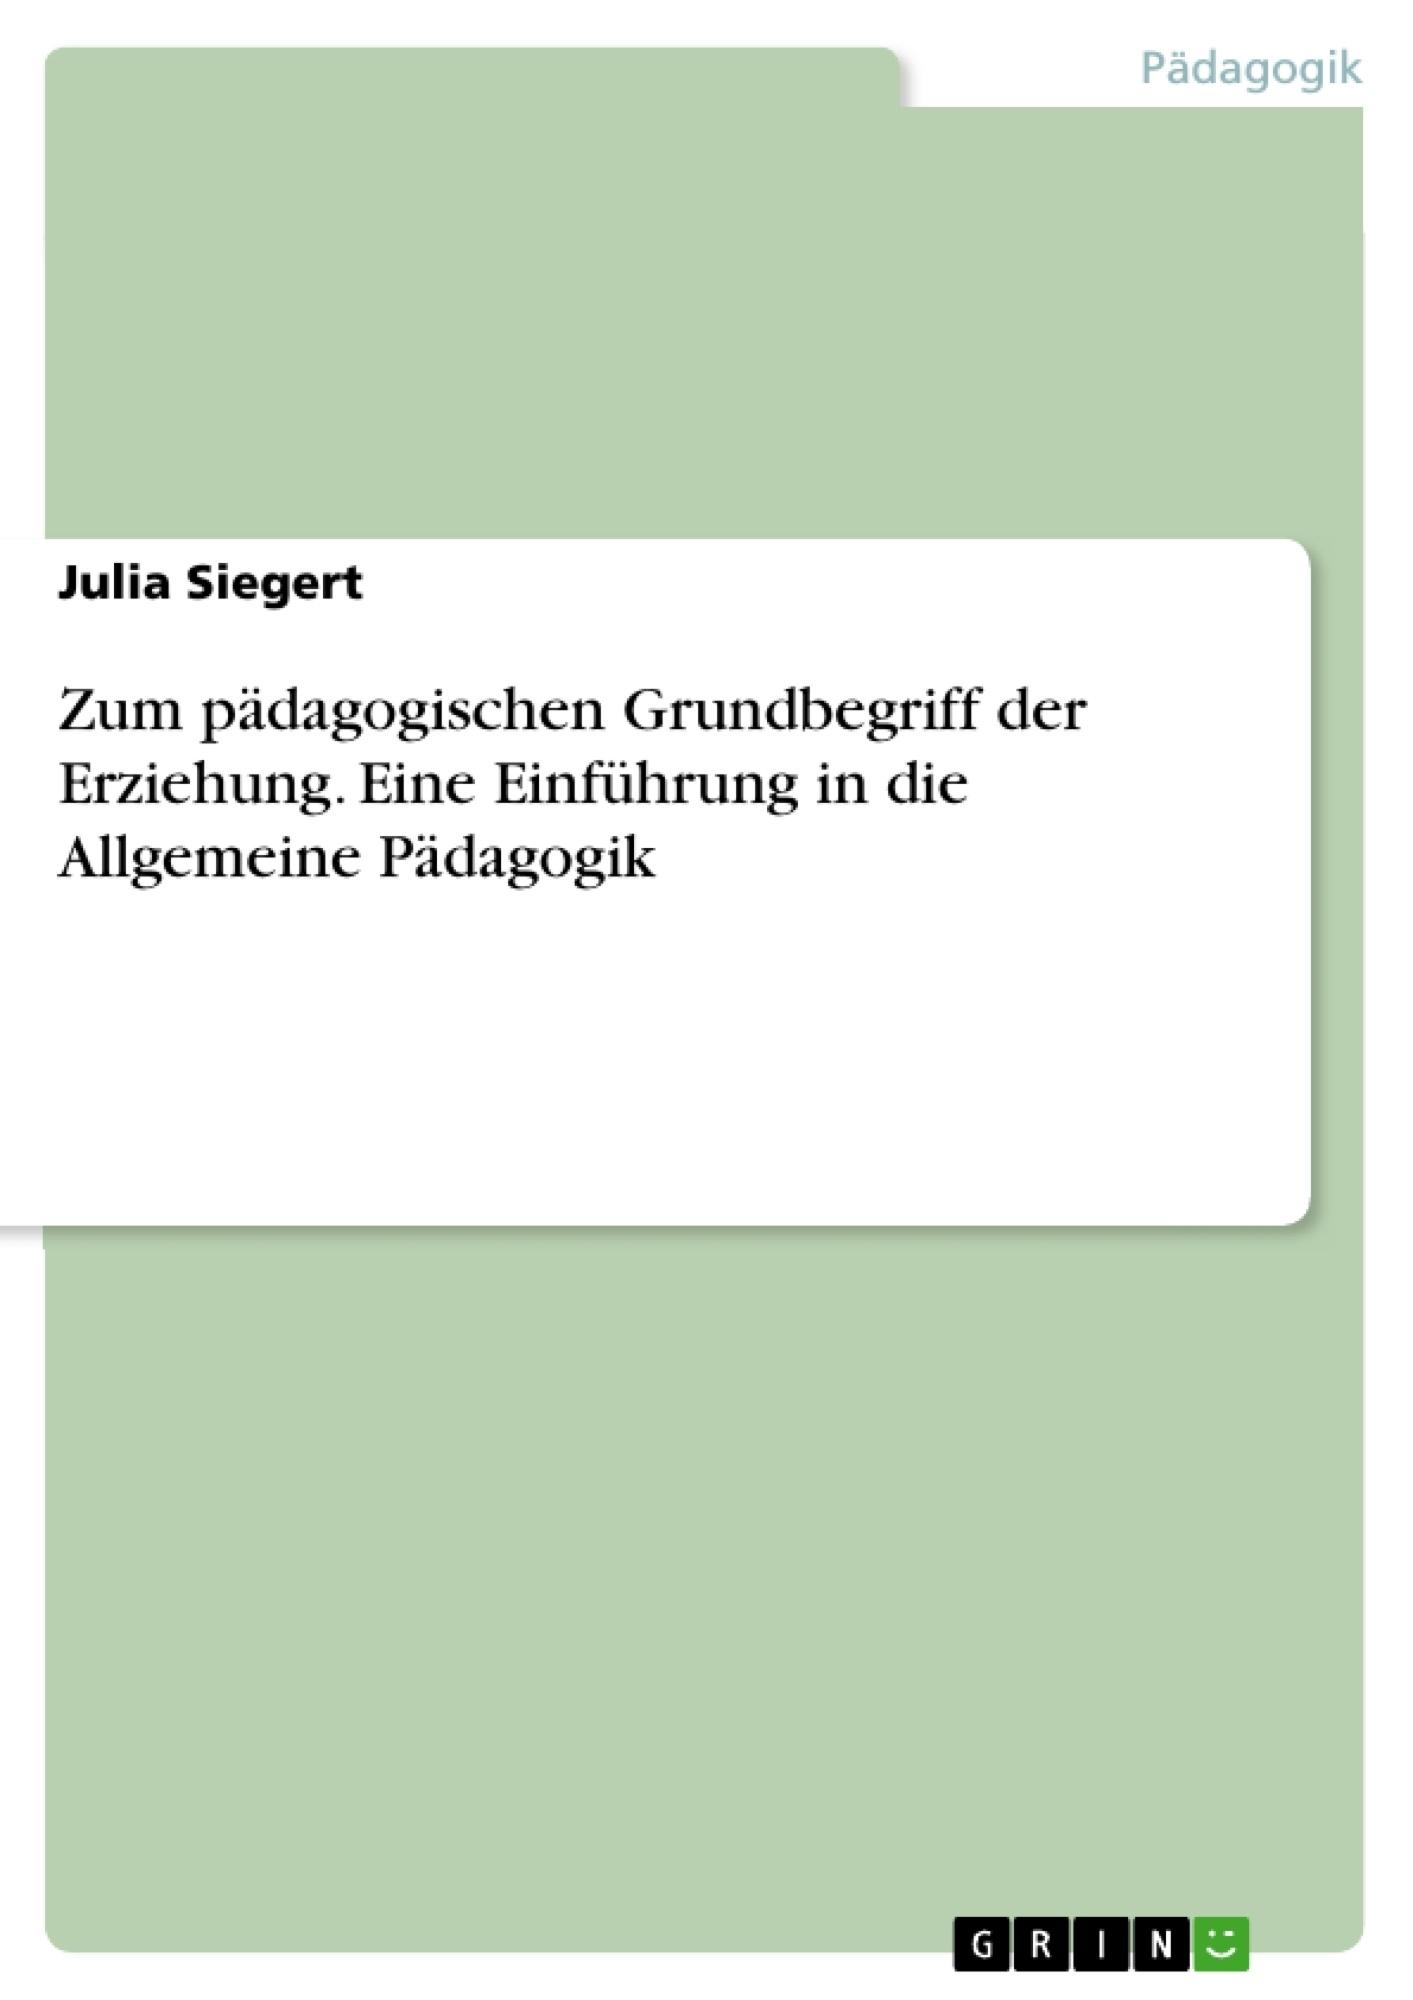 Titel: Zum pädagogischen Grundbegriff der Erziehung. Eine Einführung in die Allgemeine Pädagogik